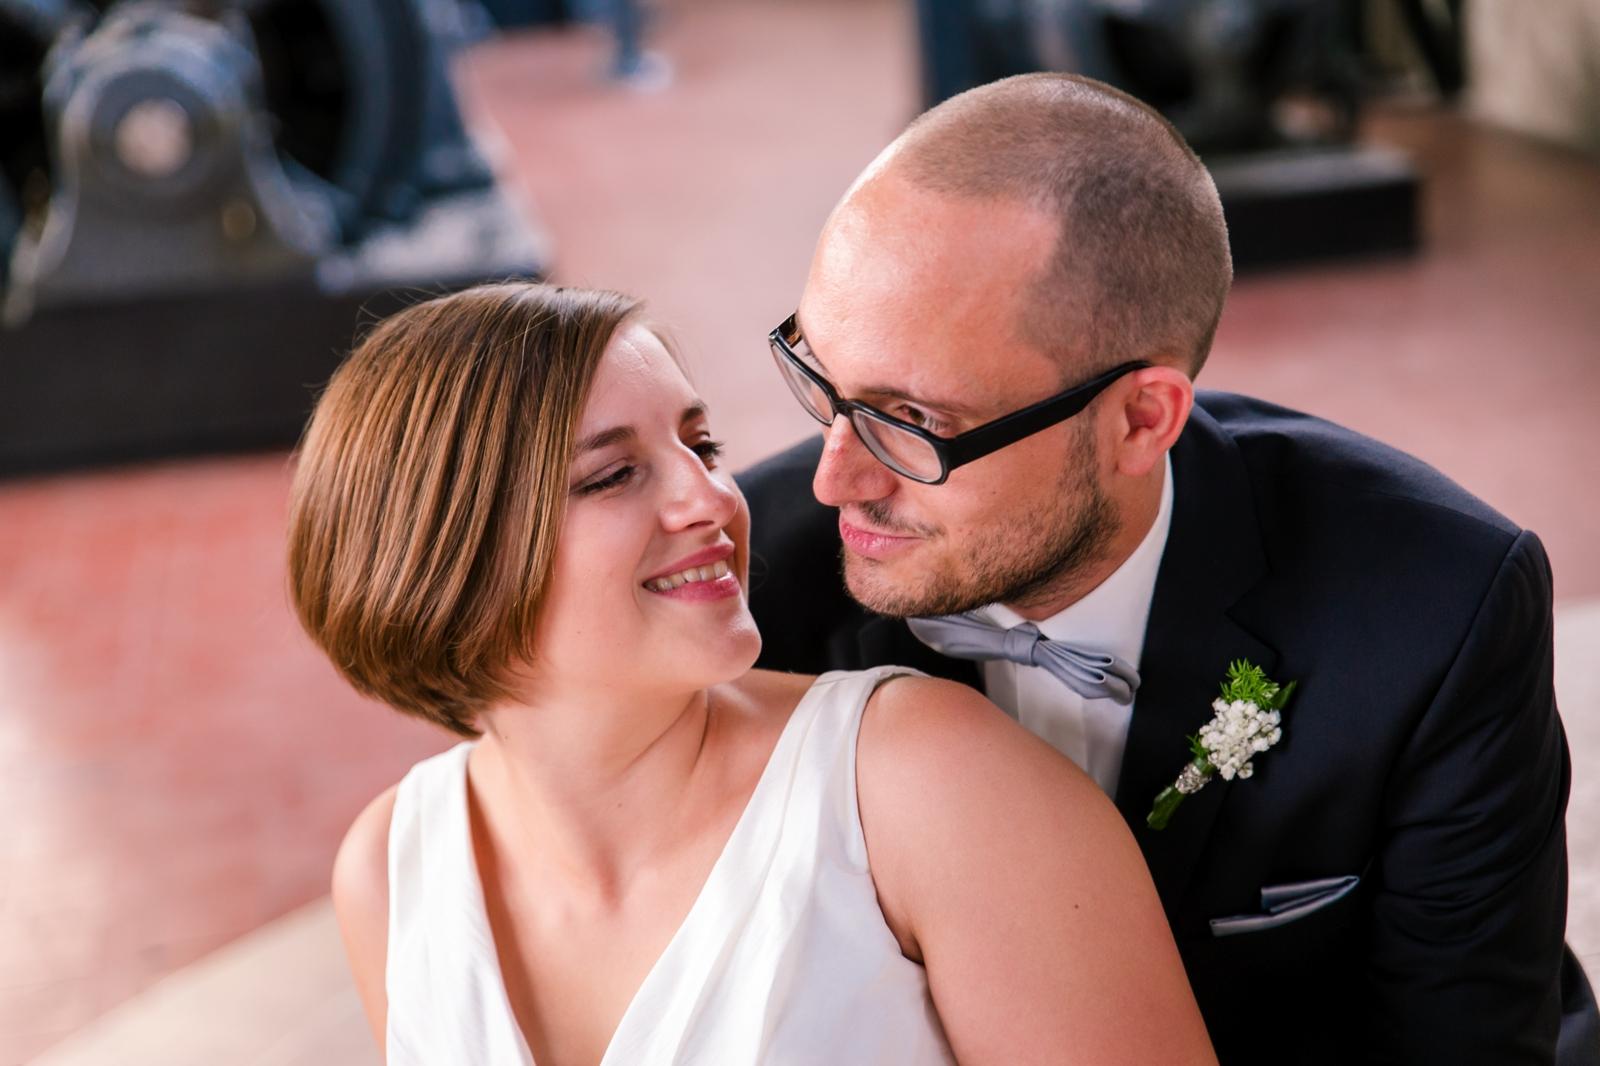 Monstergraphie_Hochzeitsreportage_Dortmund_Zeche_Zollern30.jpg?fit=1600%2C1066